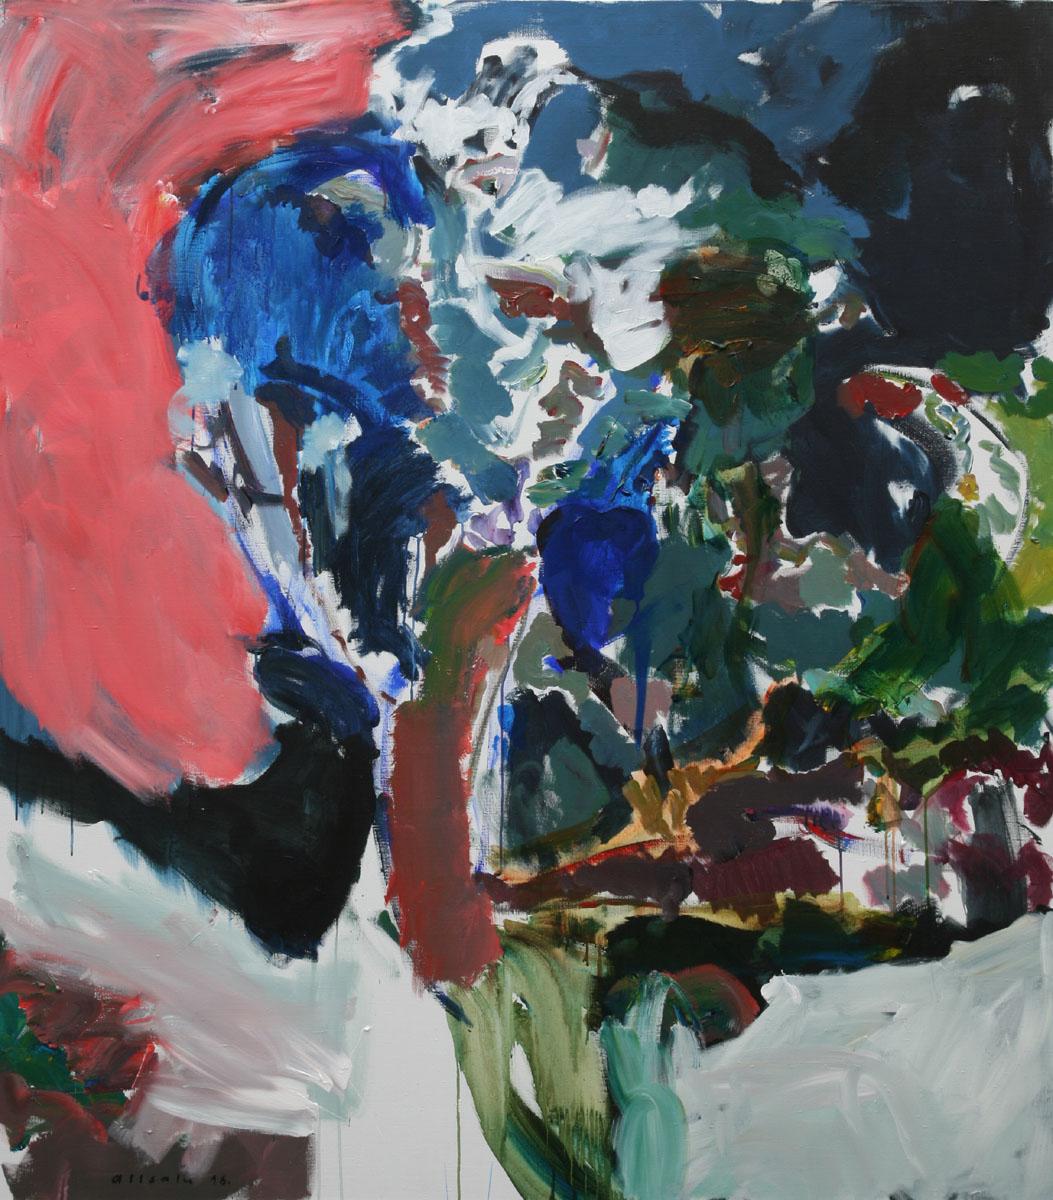 Spell. Vano Allsalu, acrylic on canvas, 180 × 160 cm, 2016)